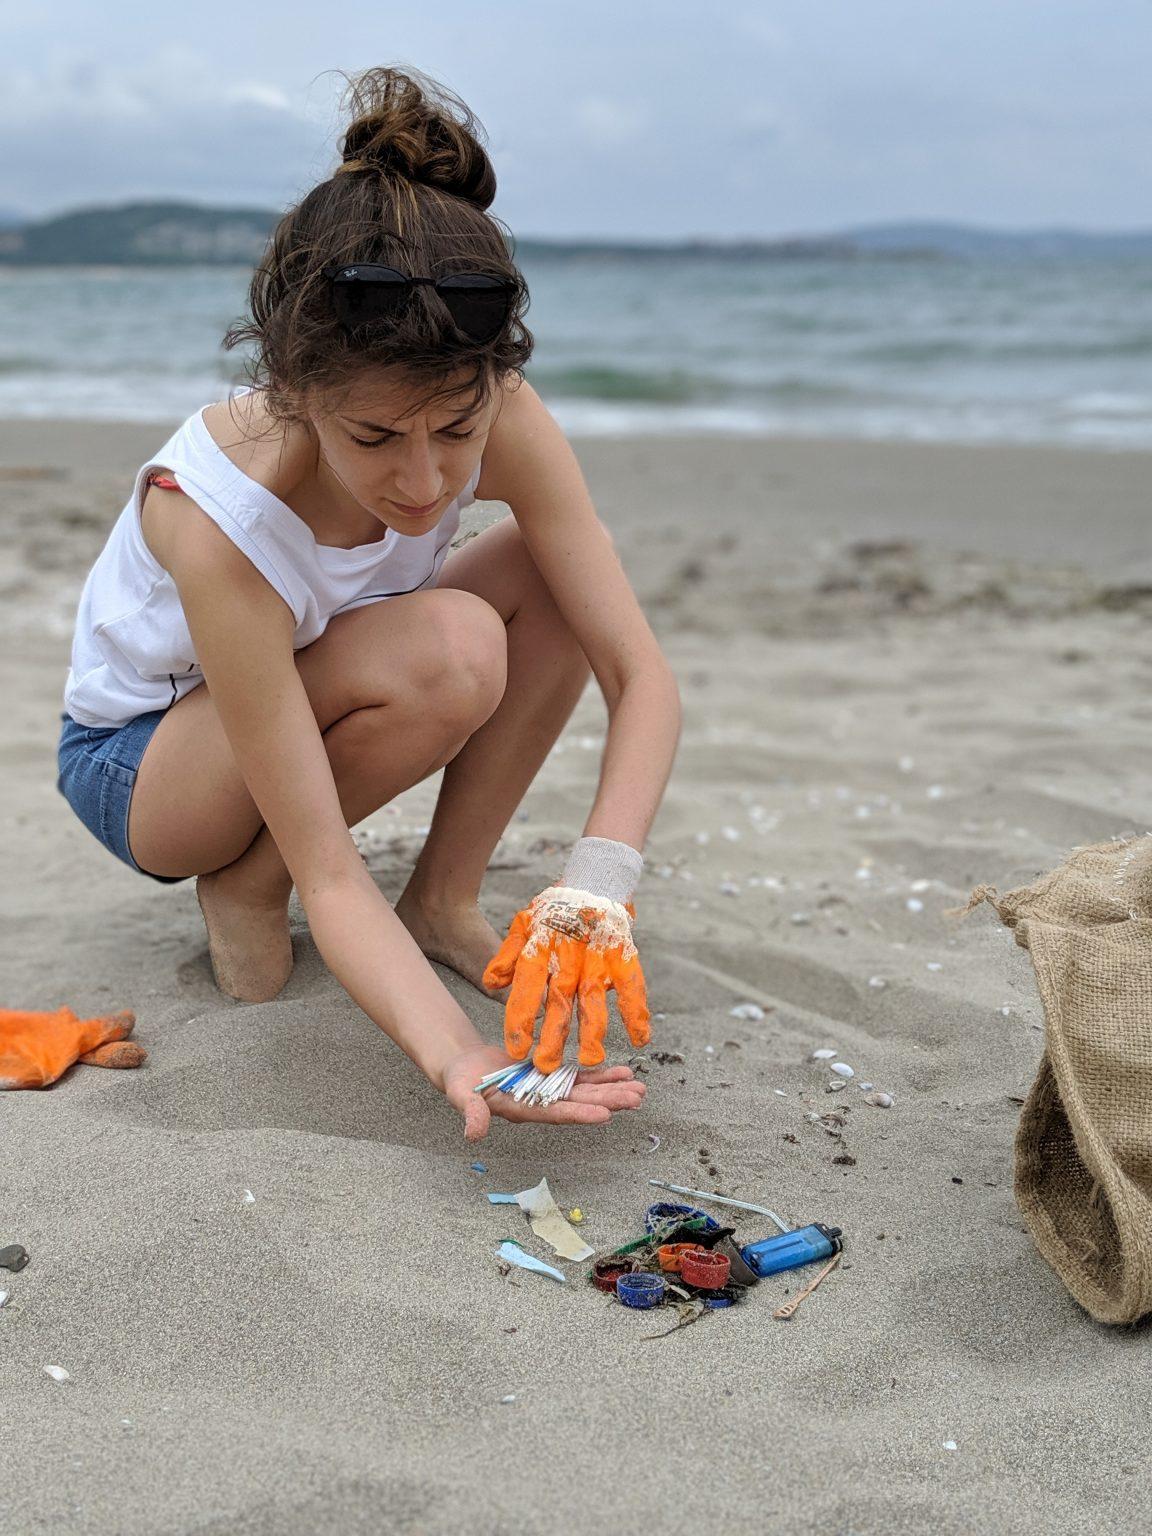 Момиче сортира пластмасови отпадъци на плаж с гумена ръкавица